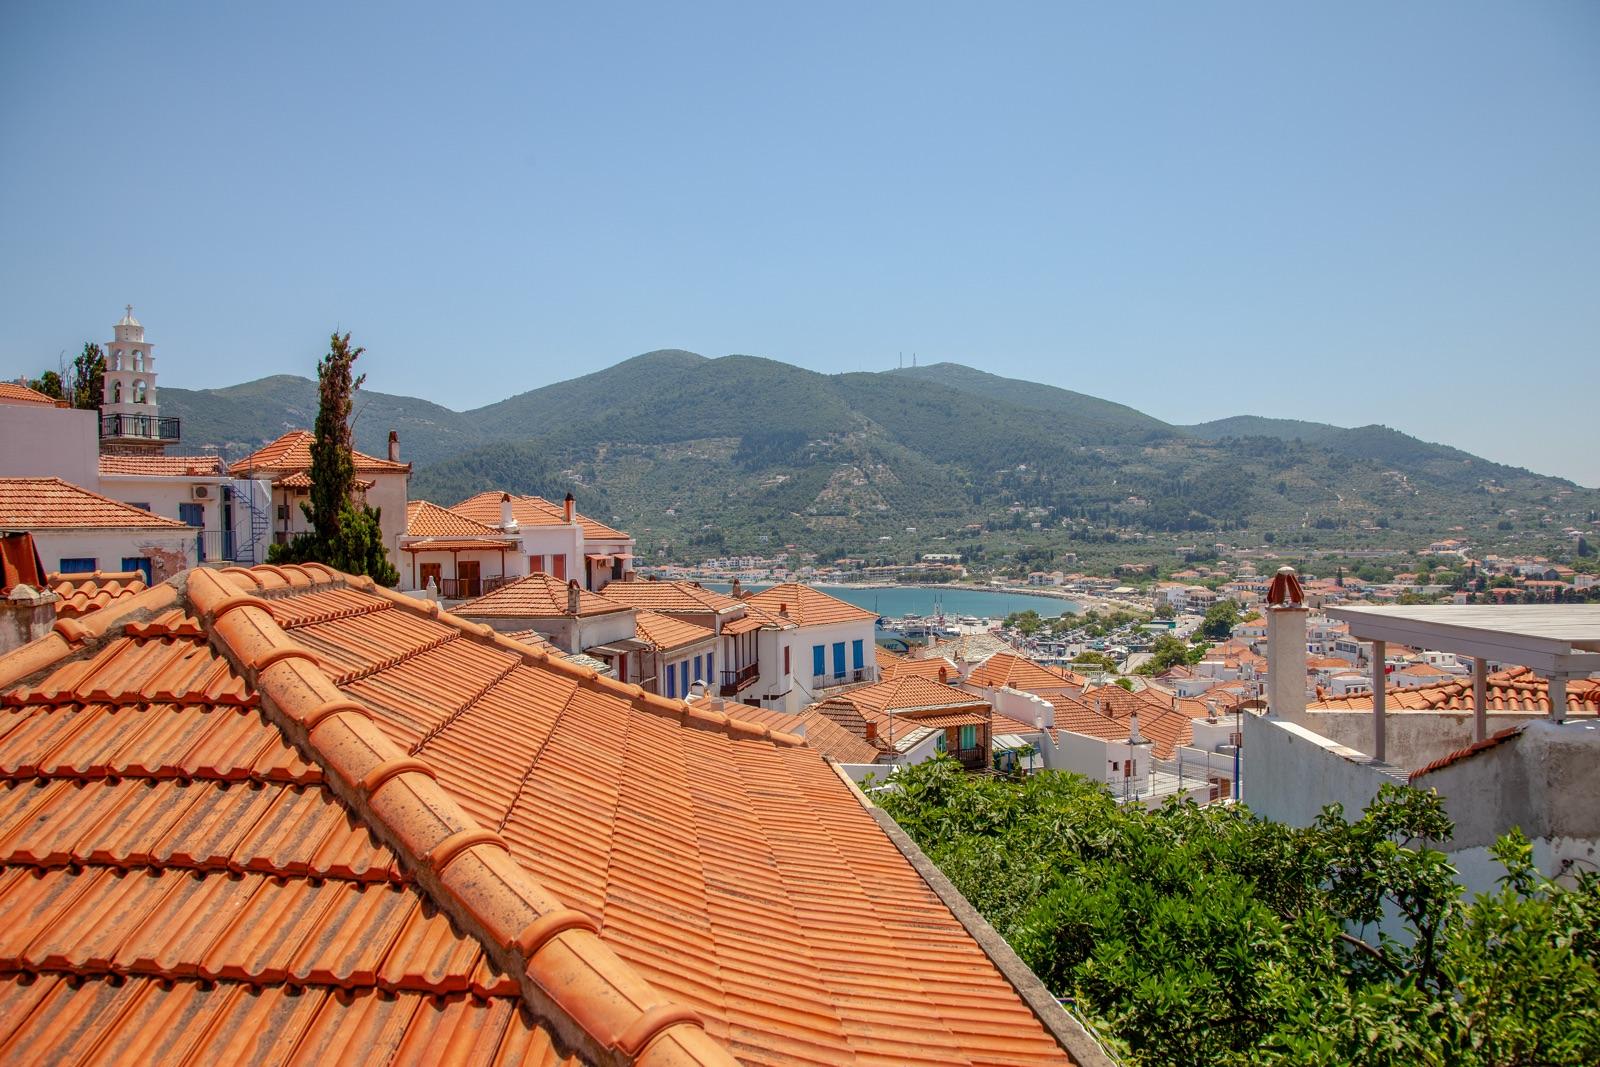 foto van het Griekse eiland Skopelos vanaf de daken zie je bergen en de zee